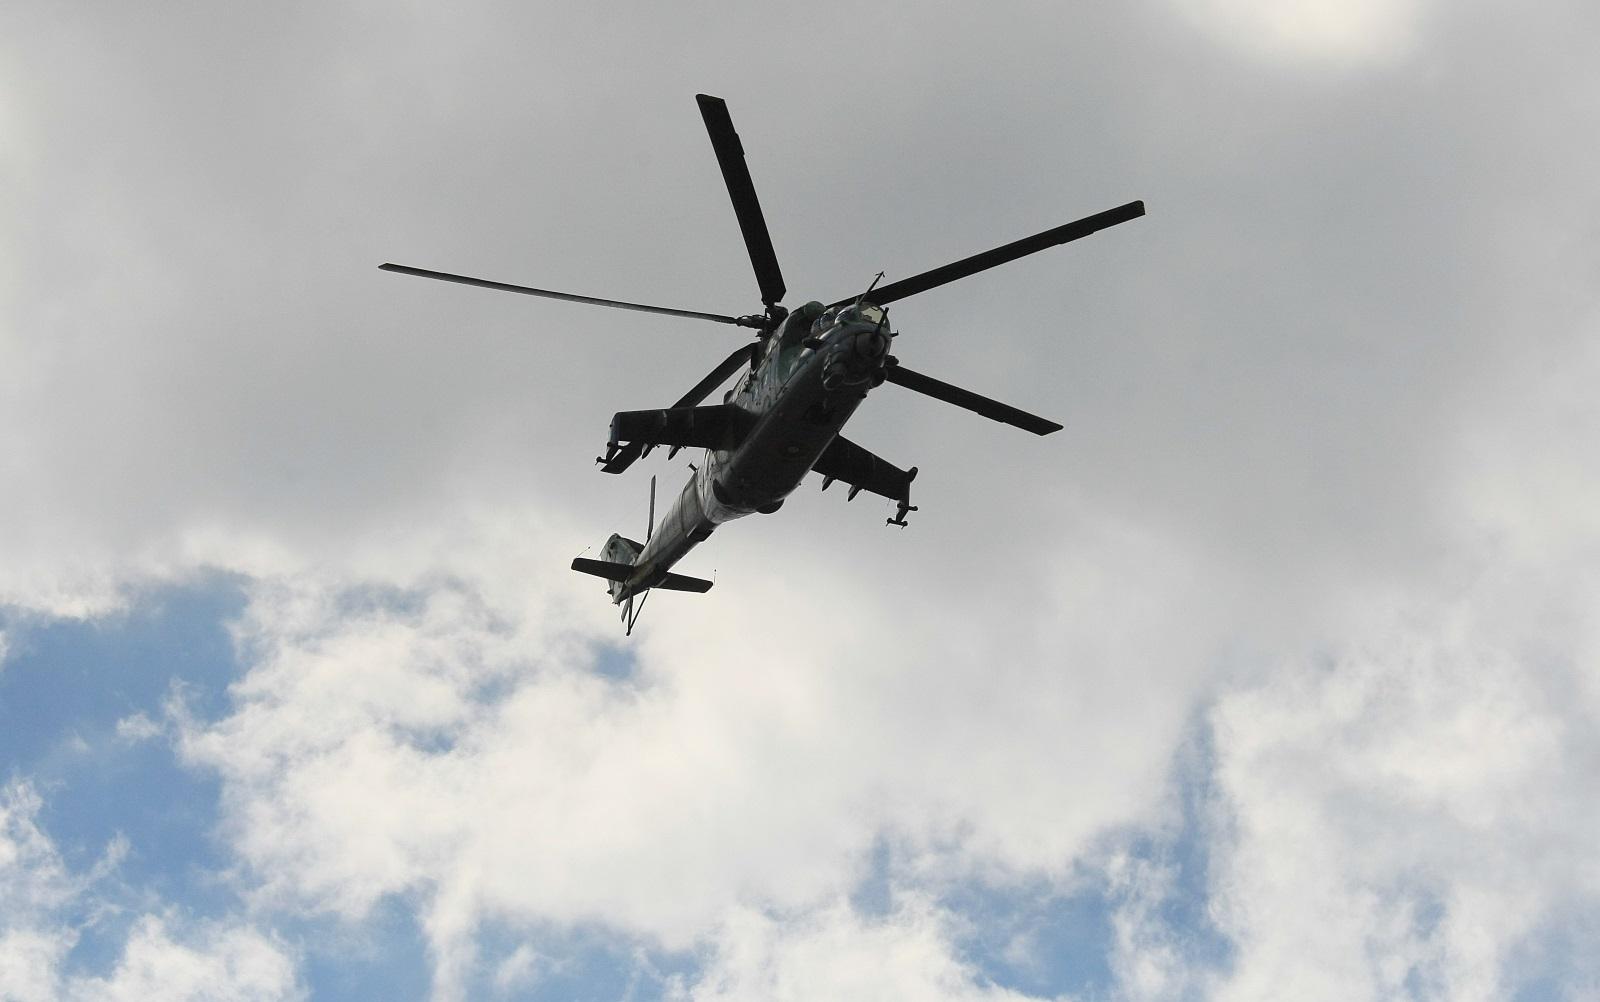 """В демонстрацията на авиацията участваха вертолети и самолети, които са на въоръжение във вертолетната, транспортната, учебната и изтребителната военна авиация: вертолетите Ми-24 и """"Cougar"""" и самолетите """"Спартан"""", """"Пилатус"""" и МиГ-29."""